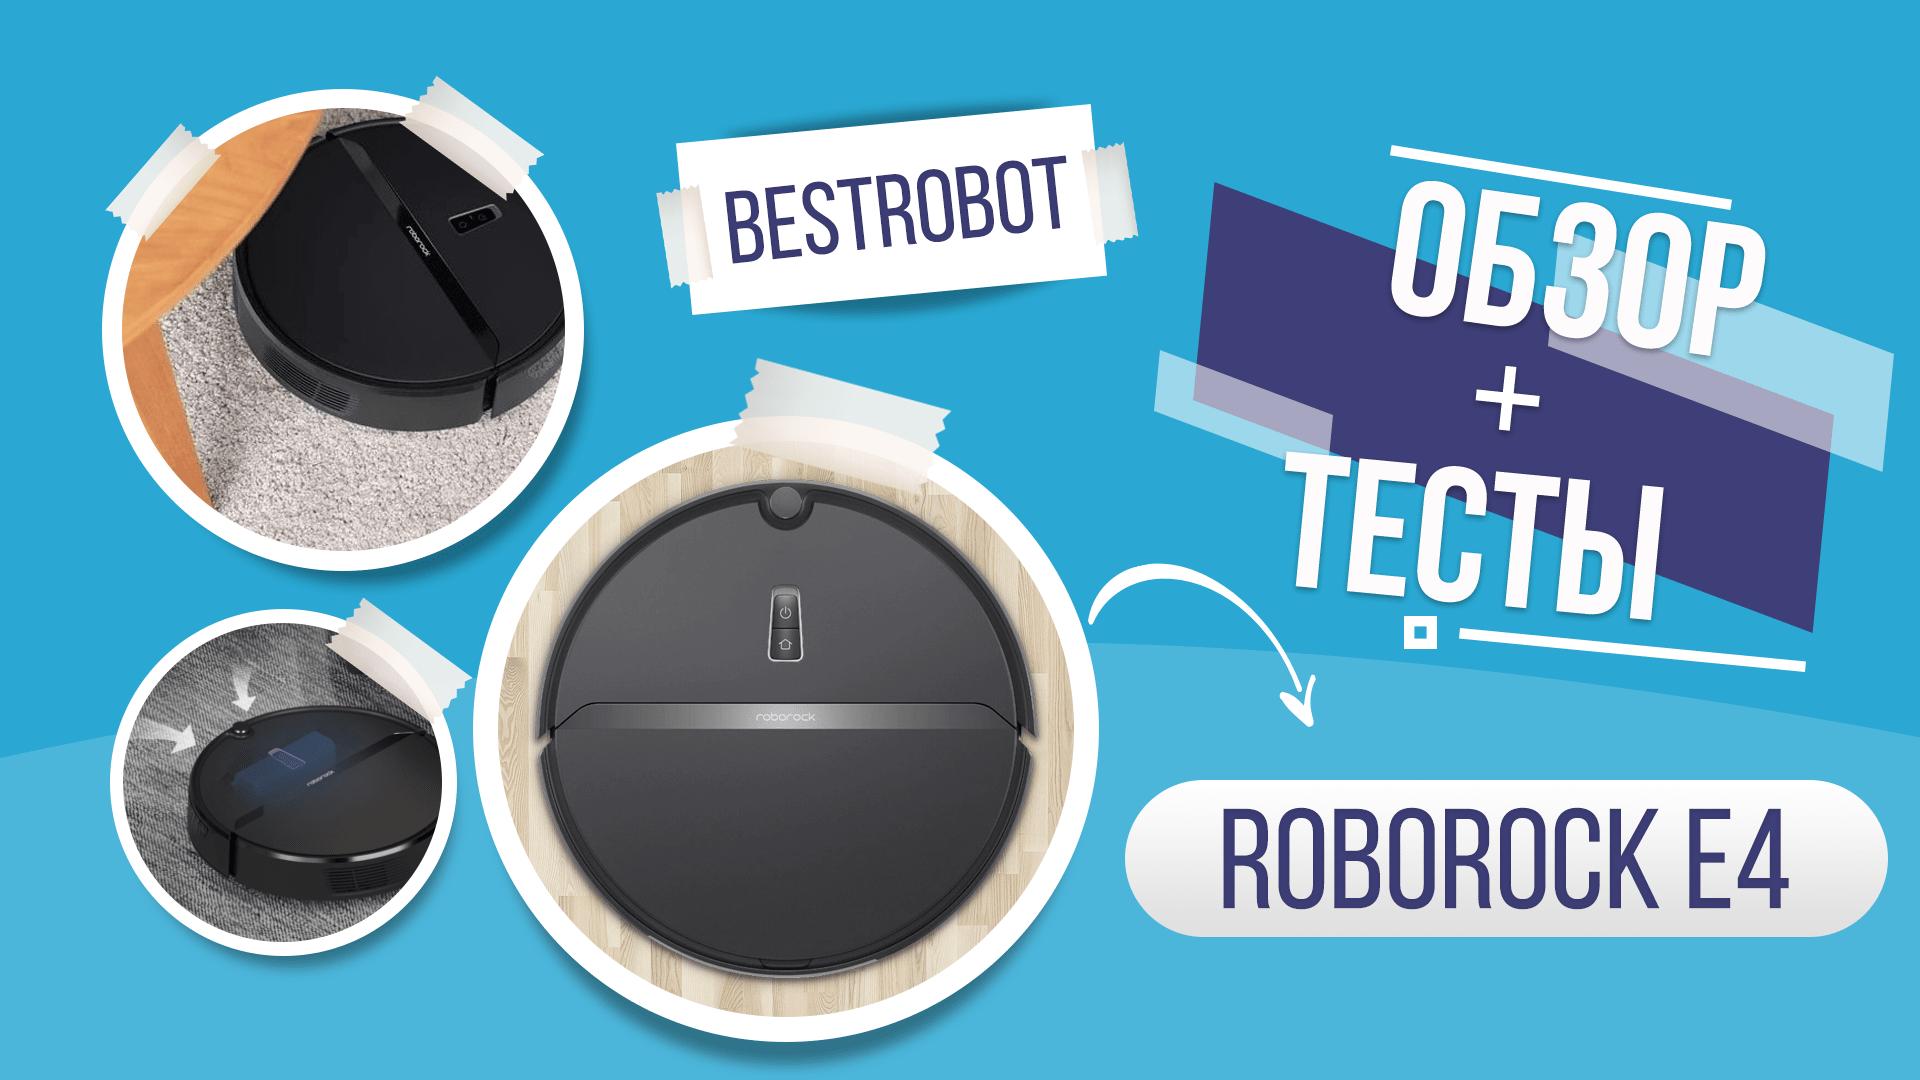 Roborock E4